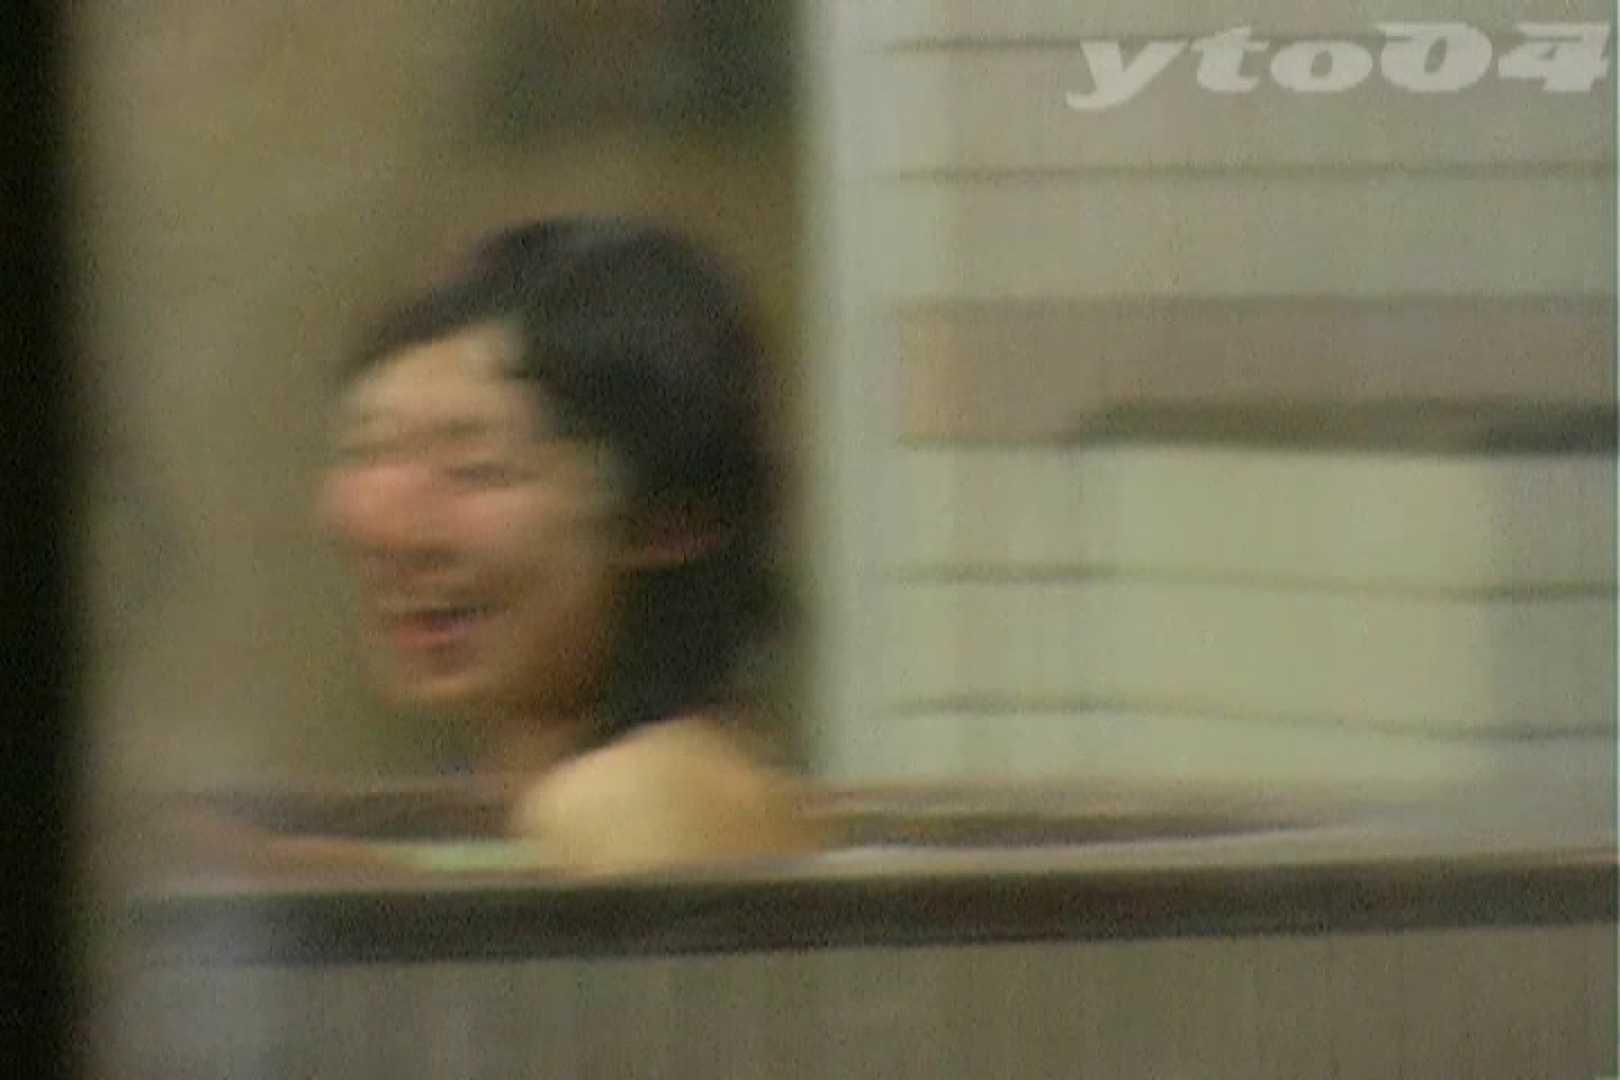 ▲復活限定▲合宿ホテル女風呂盗撮 Vol.24 ホテル  84PIX 43